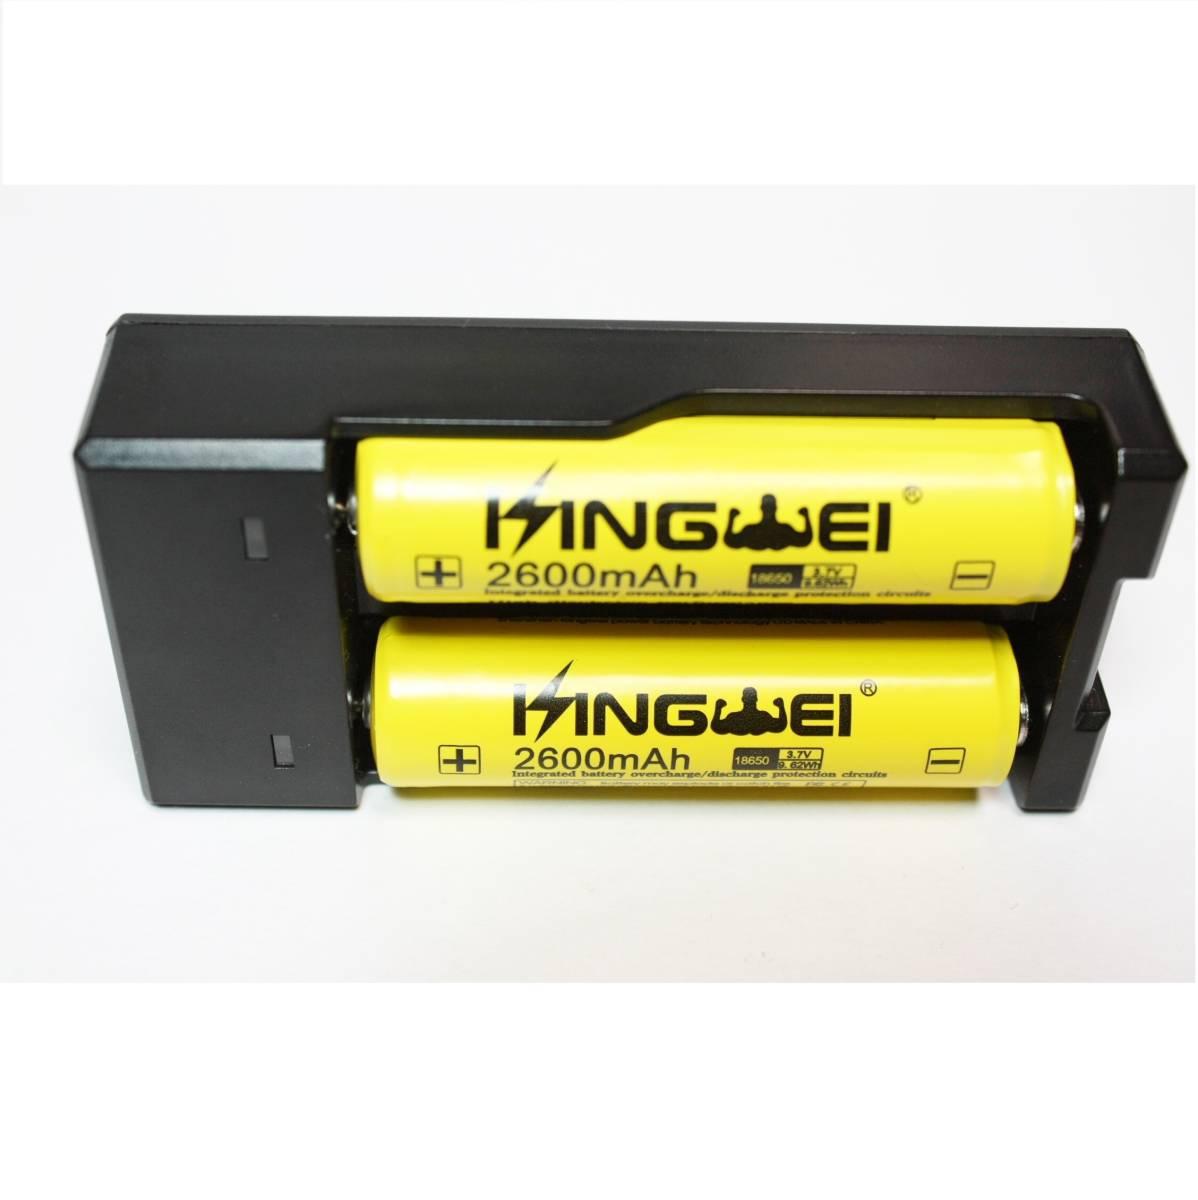 正規容量 18650 経済産業省適合品 リチウムイオン 充電池 2本 + 急速充電器 バッテリー 懐中電灯 ヘッドライト04_画像2